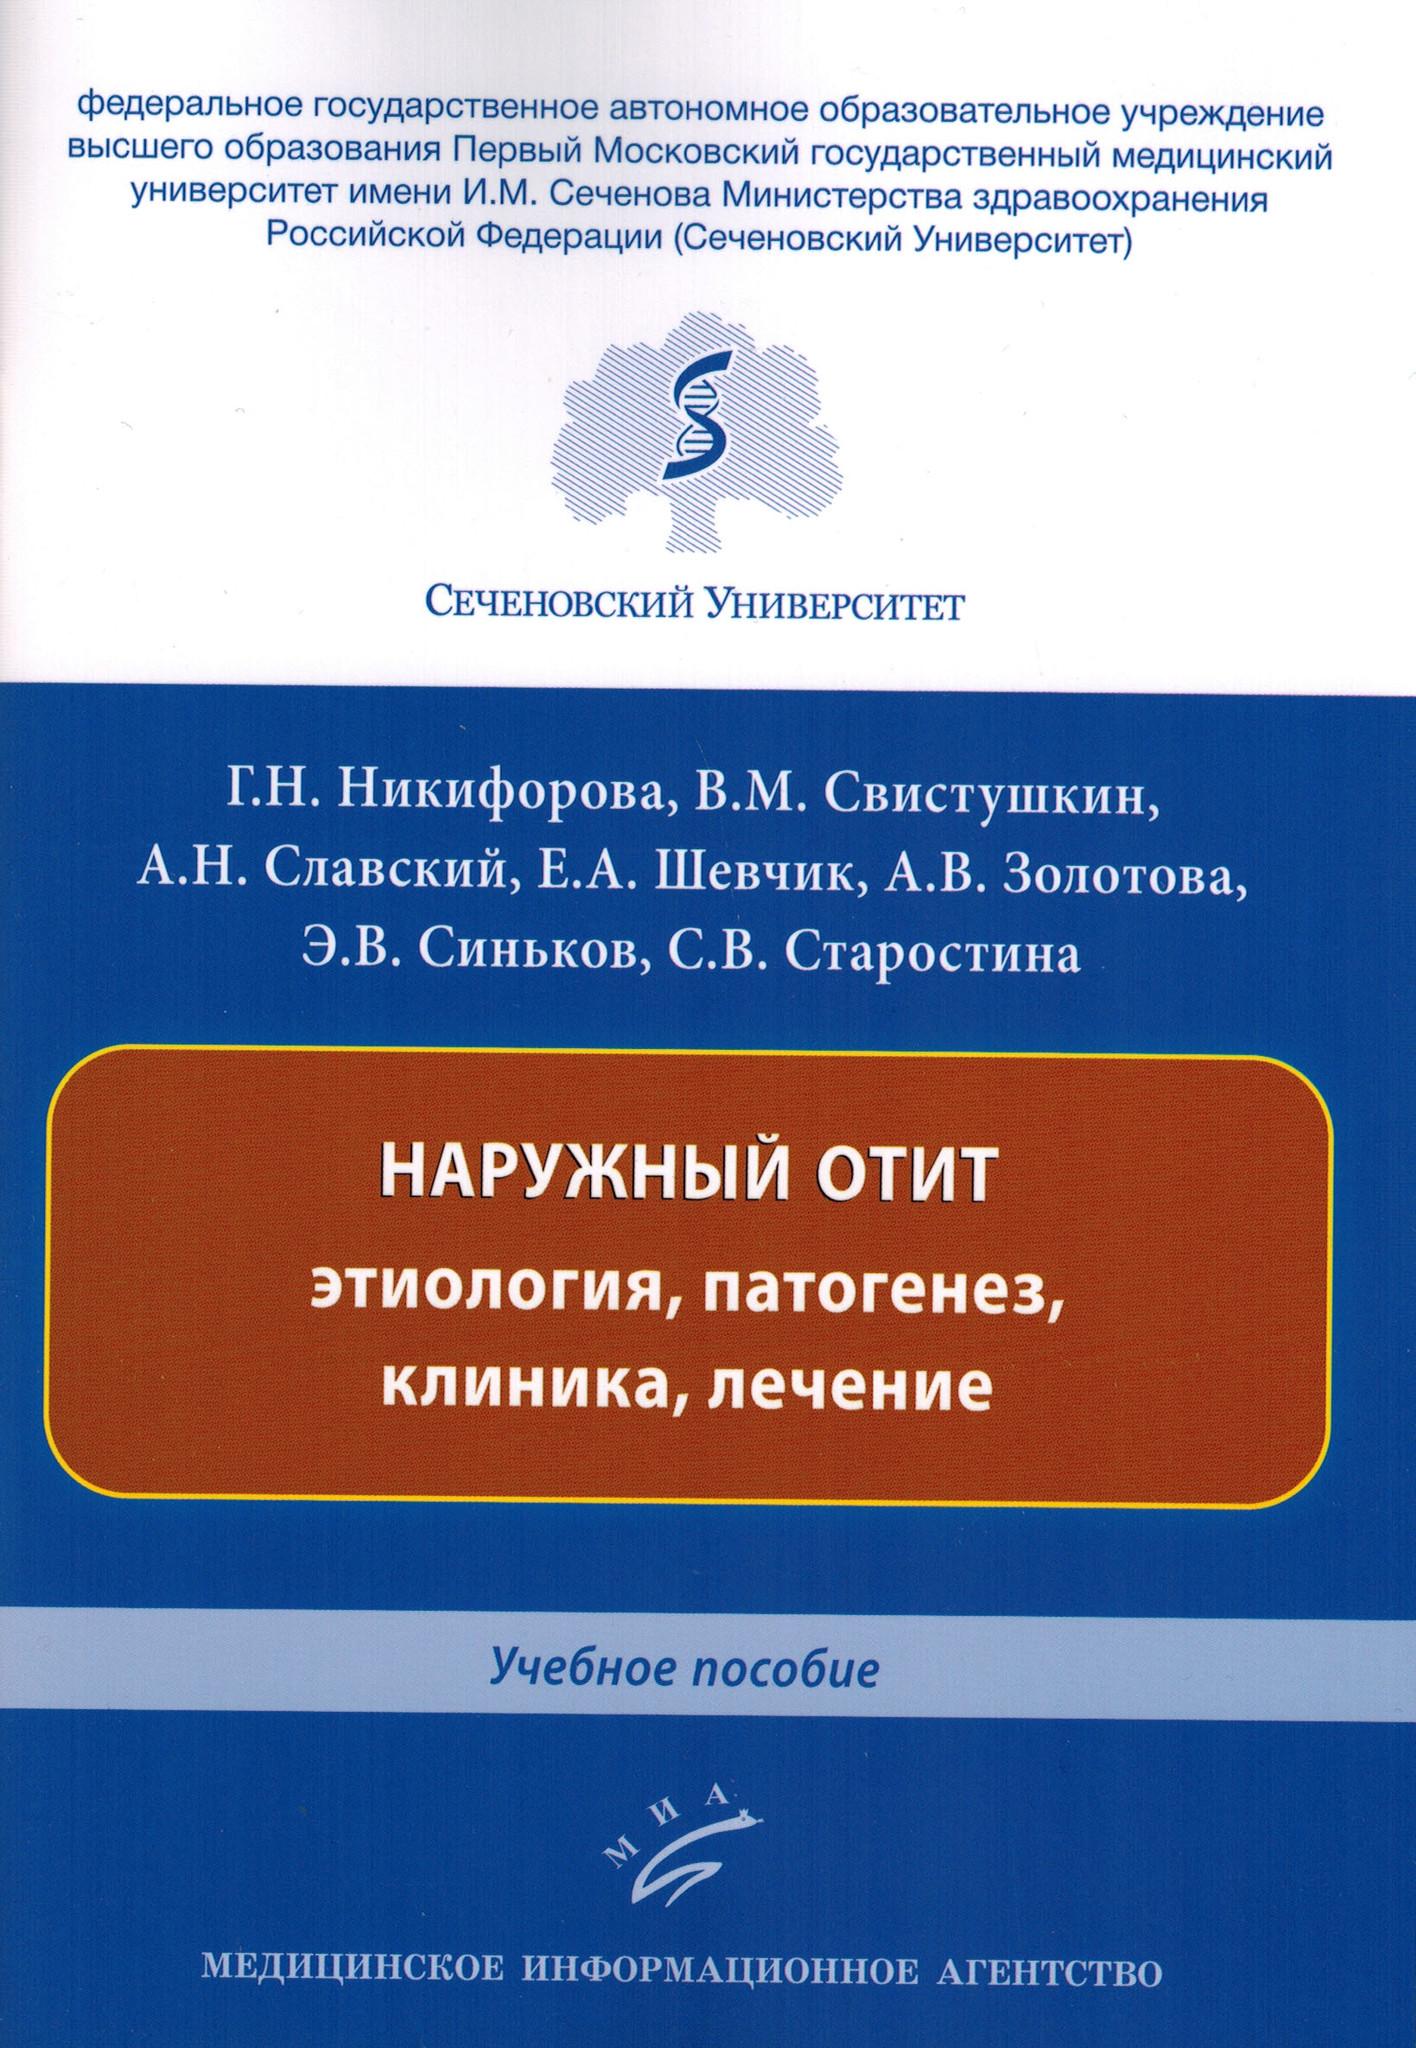 Каталог Наружный отит: этиология, патогенез, клиника, лечение no.jpg